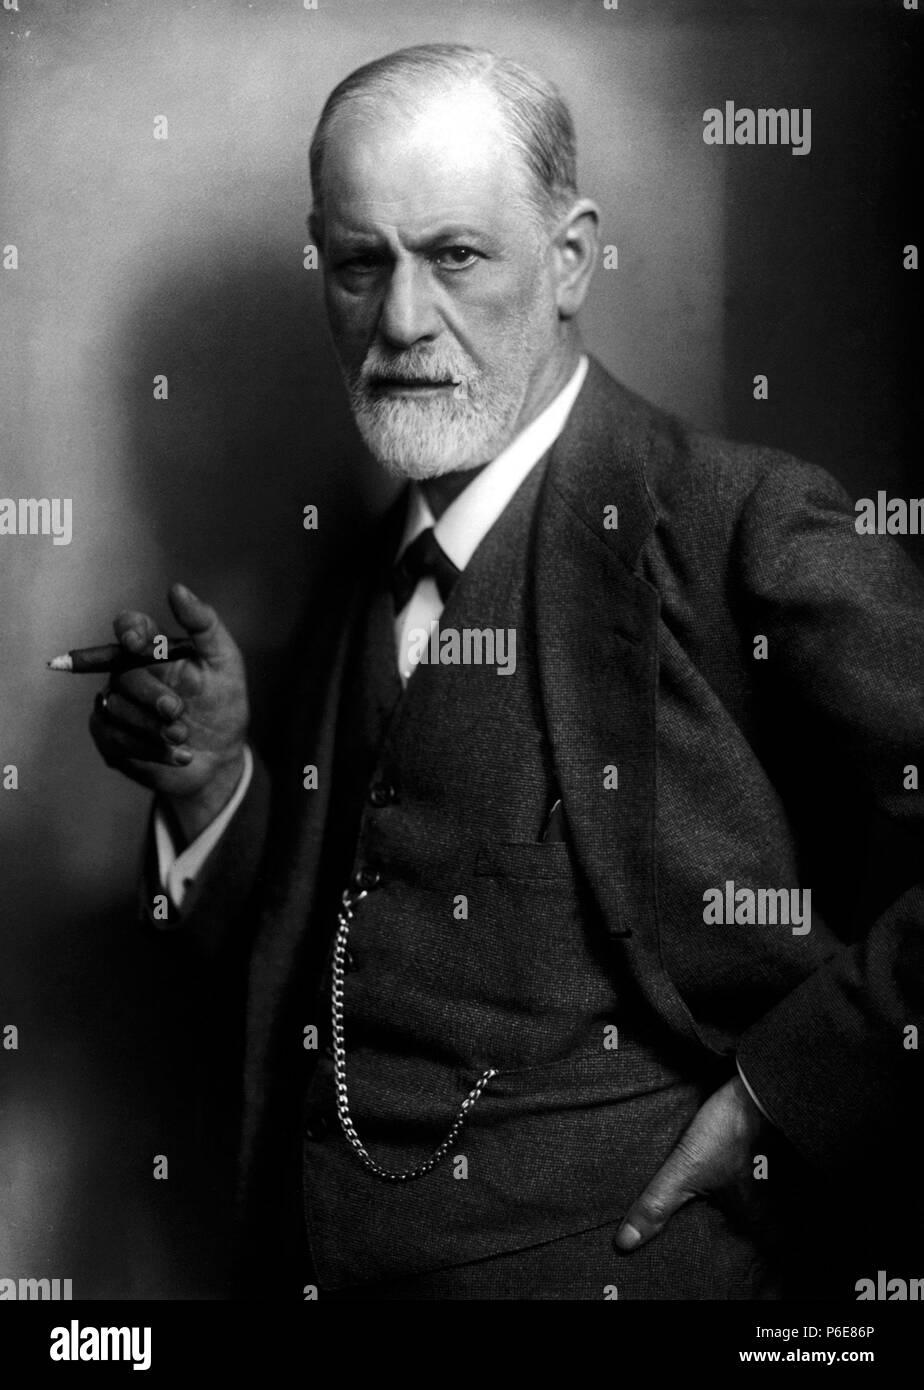 Deutsch: Sigmund Freud, Begründer der Psychoanalyse, raucht eine Zigarre. English: Sigmund Freud, founder of psychoanalysis, holding a cigar. Photographed by his son-in-law, Max Halberstadt, c. 1921 Español: Sigmund Freud, fundador del psicoanálisis, fumando. eština: Zakladatel psychoanalýzy Sigmund Freud kouí doutník. circa 1921 74 Sigmund Freud LIFE - Stock Image